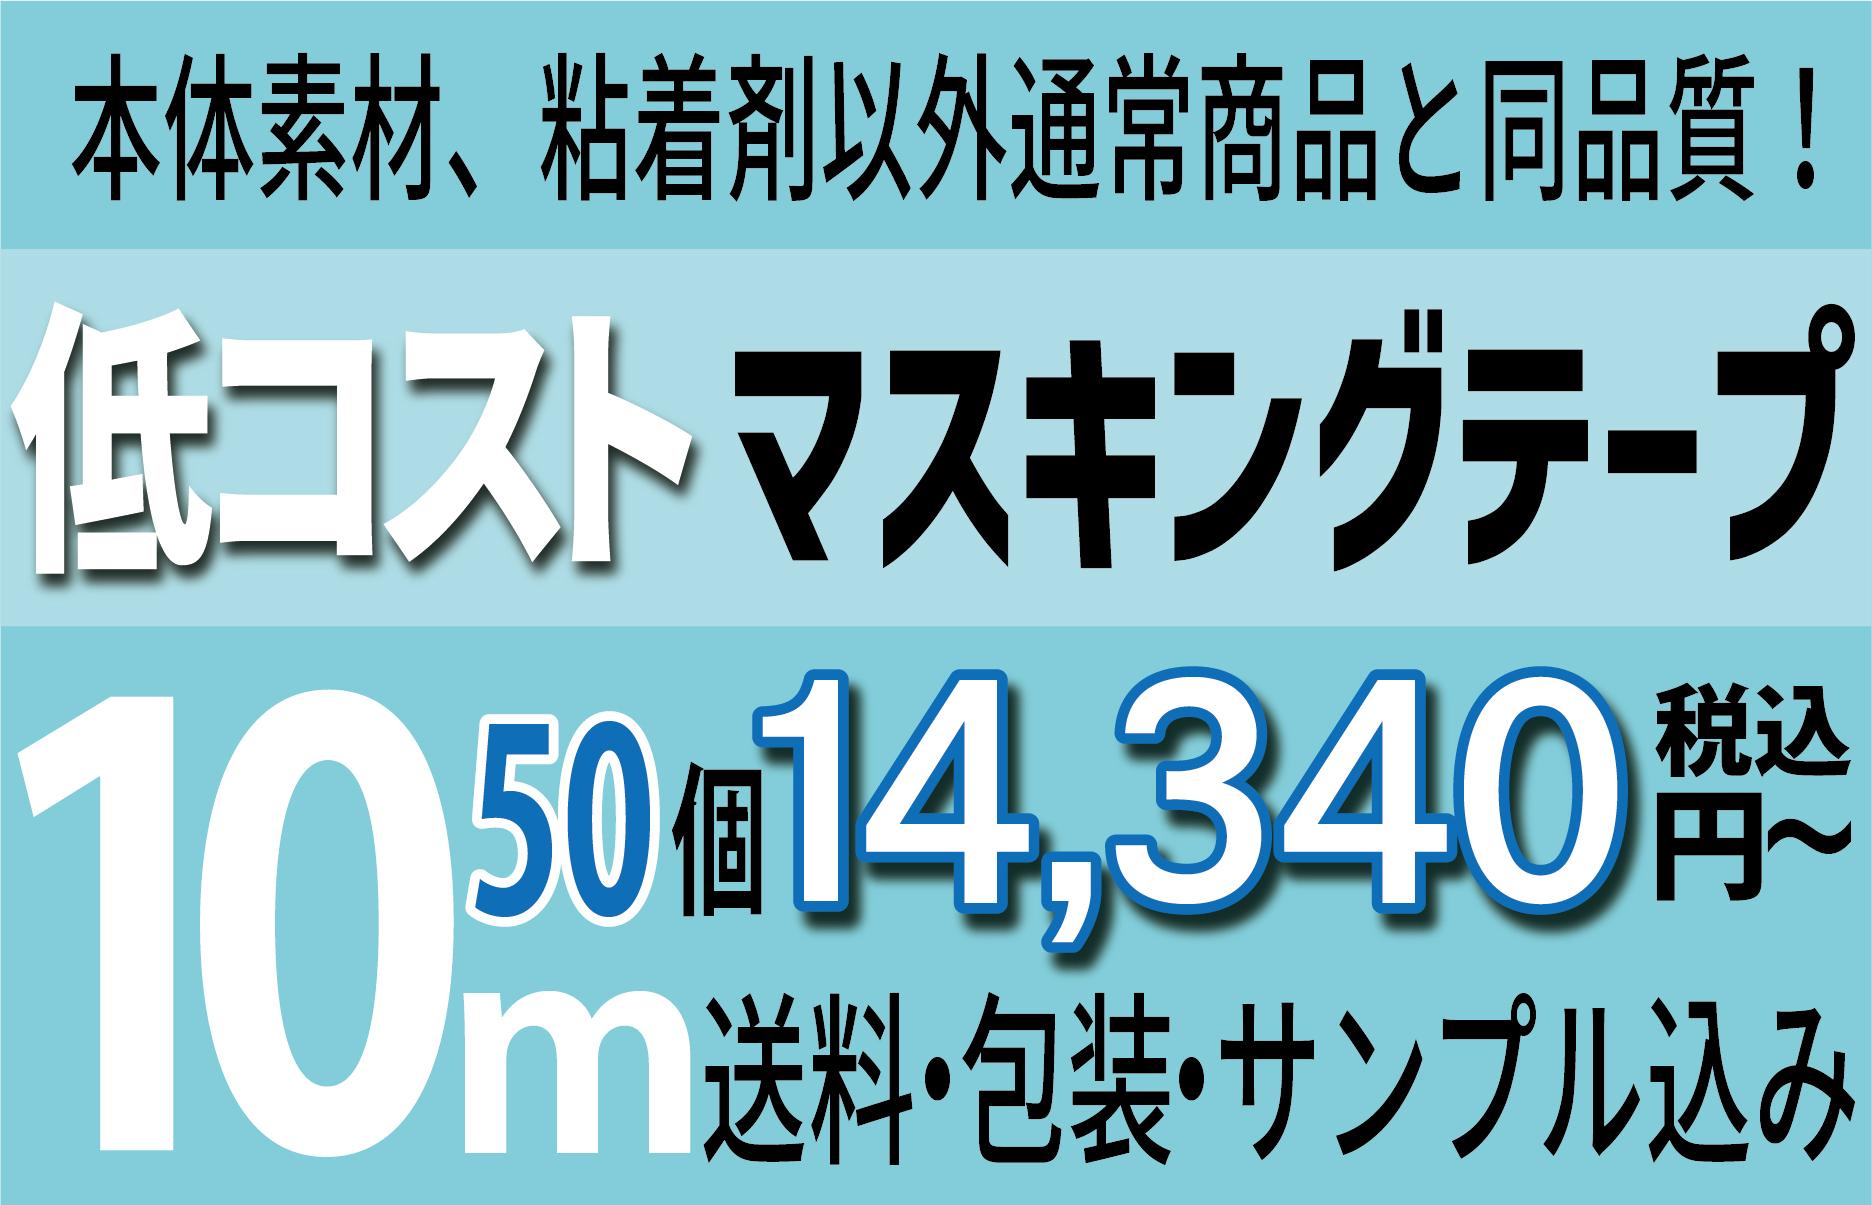 ≫10m(低コスト)